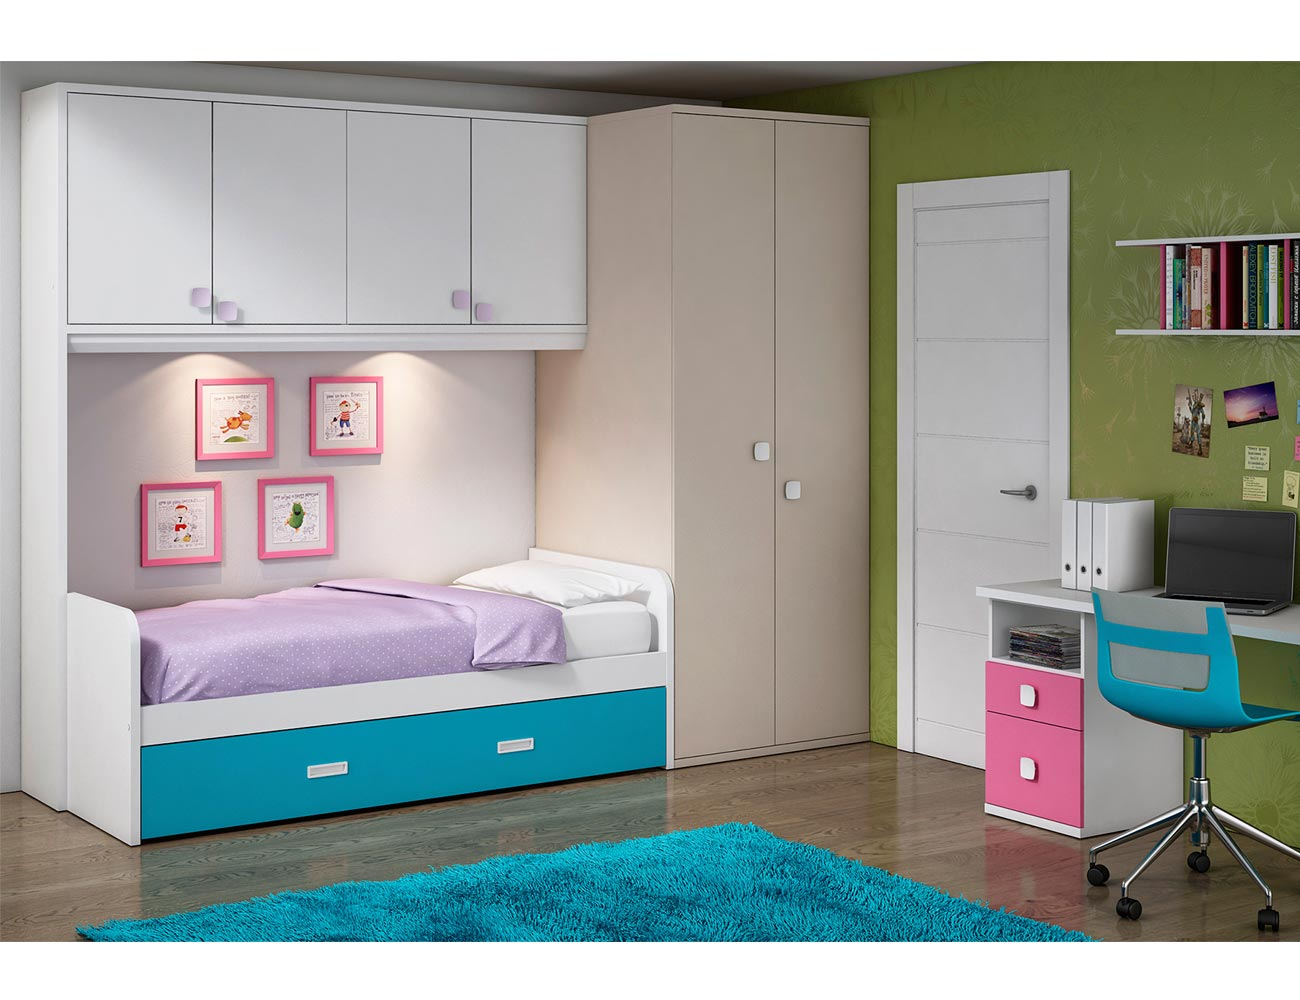 Dormitorio juvenil con puente y armario con superfondo - Dormitorio puente ...